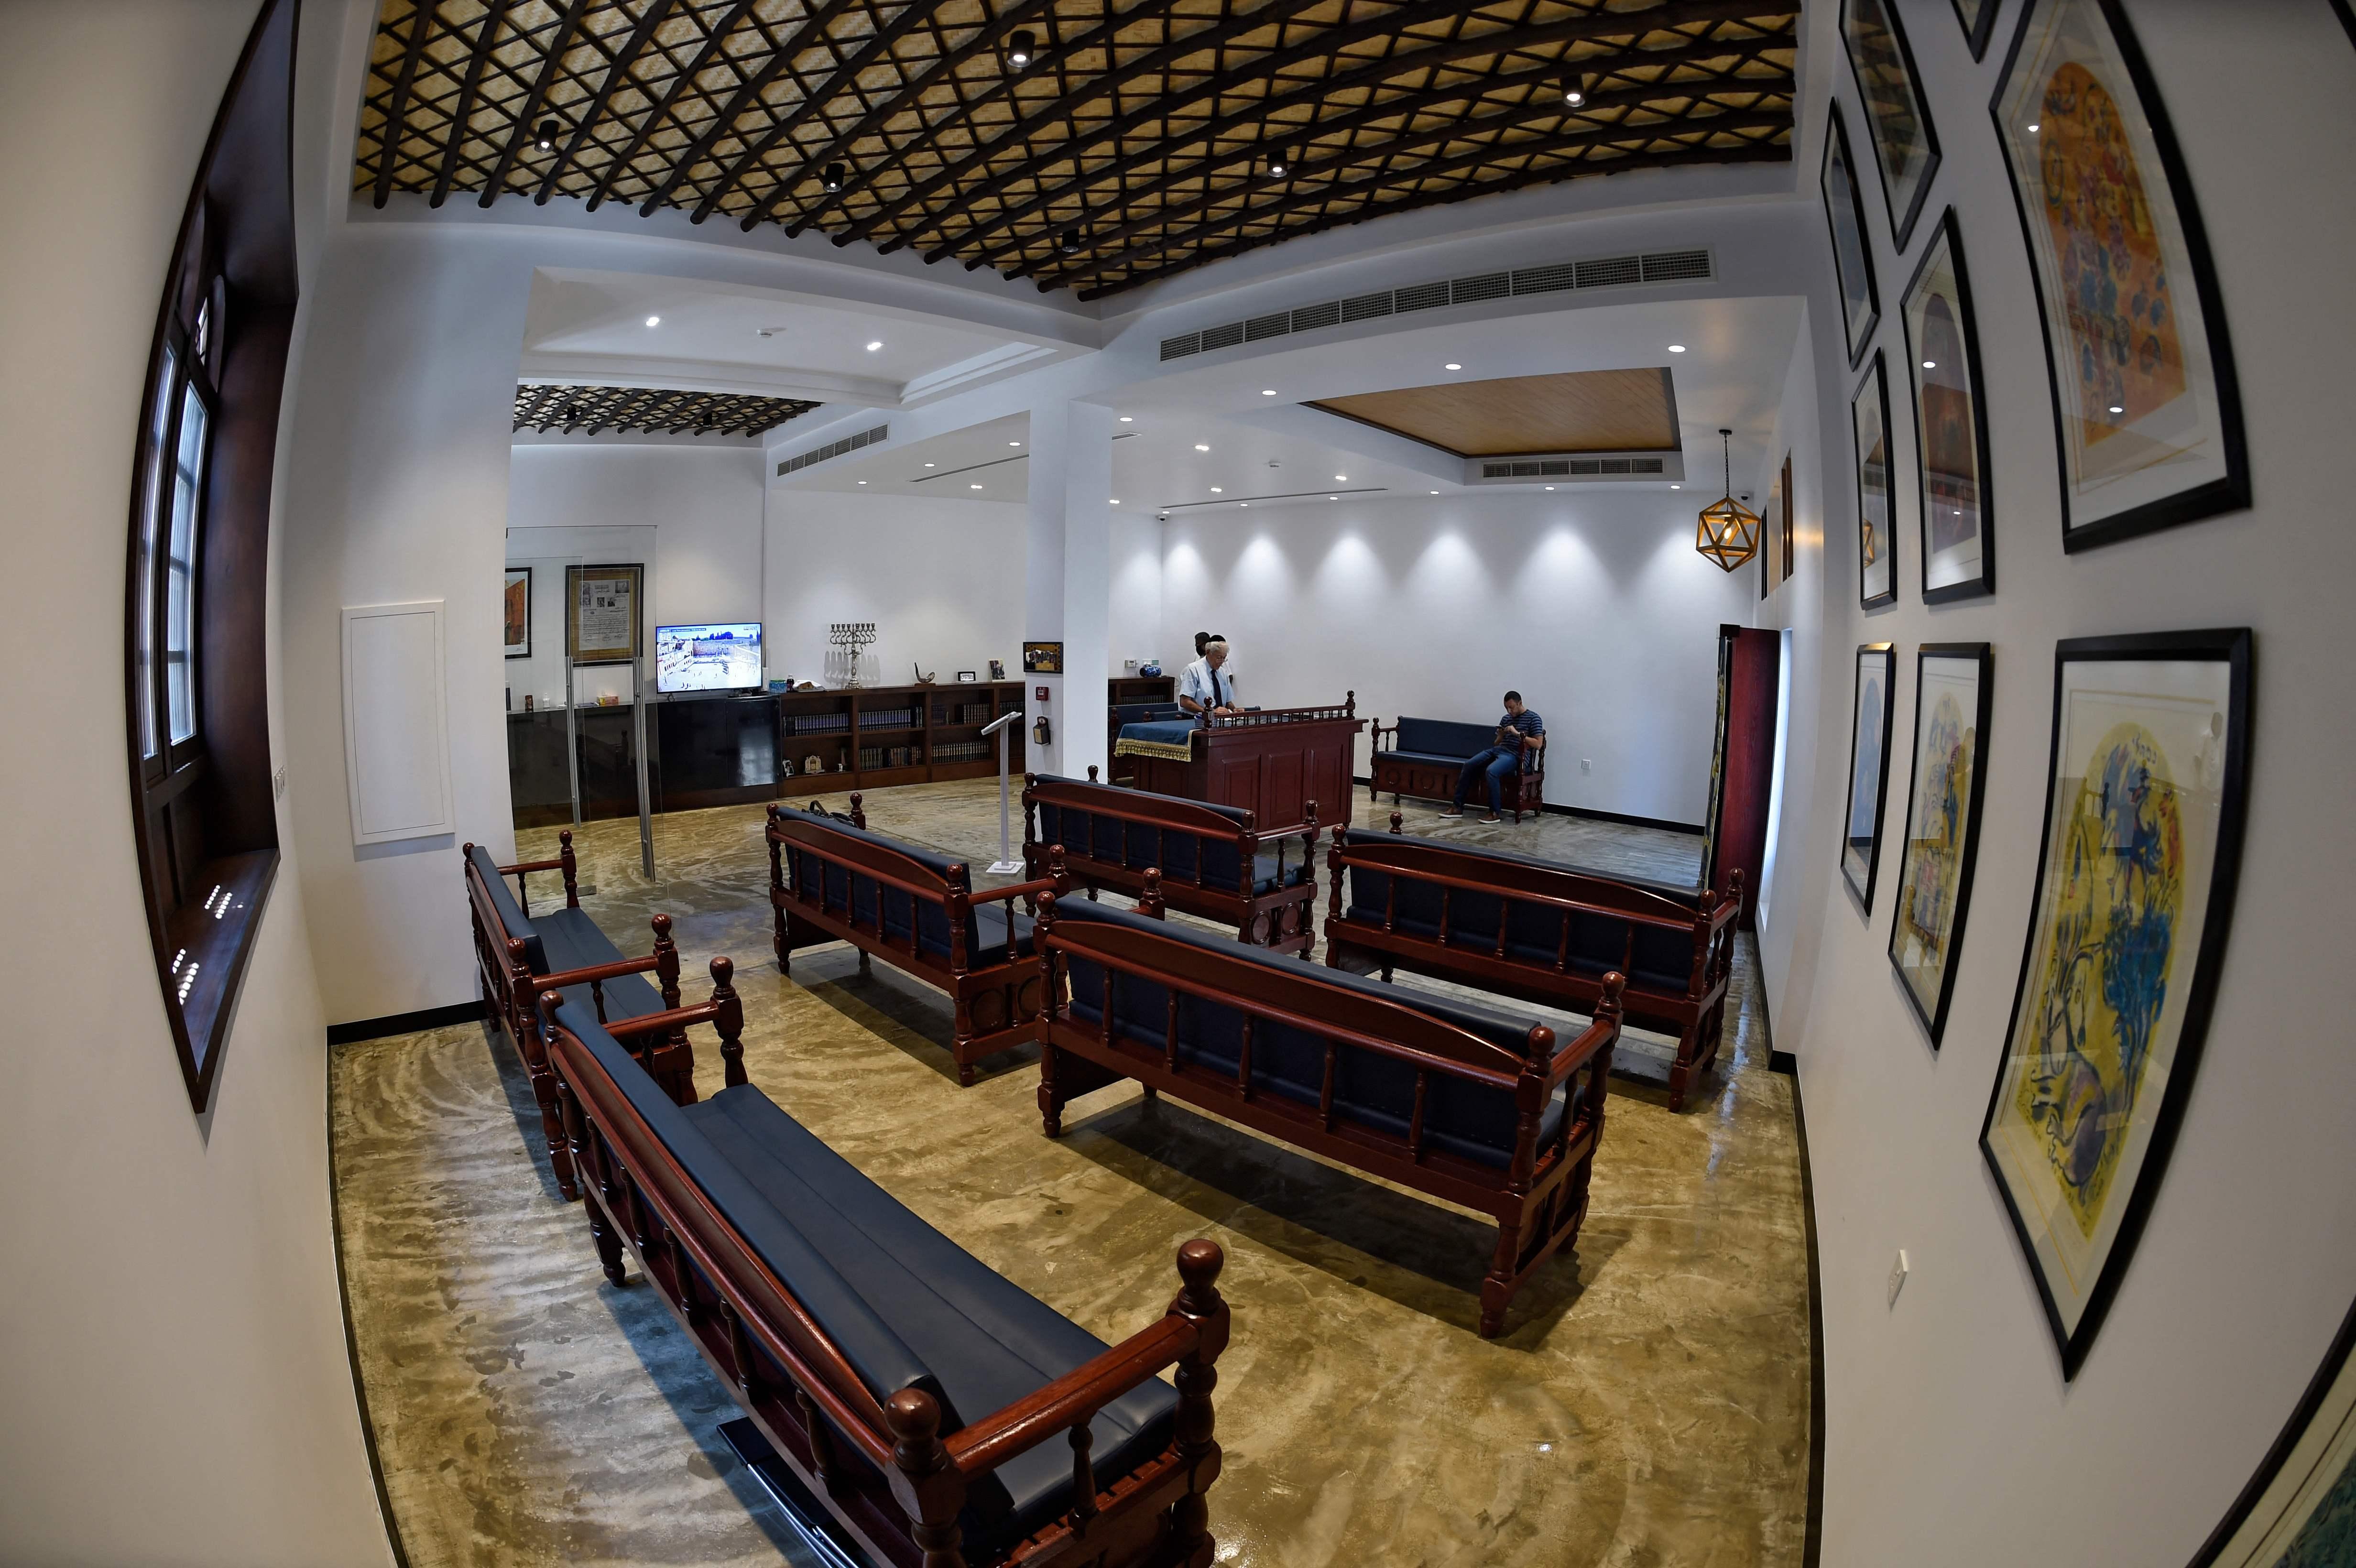 لقطات من داخل الكنيس في المنامة (أ ف ب)